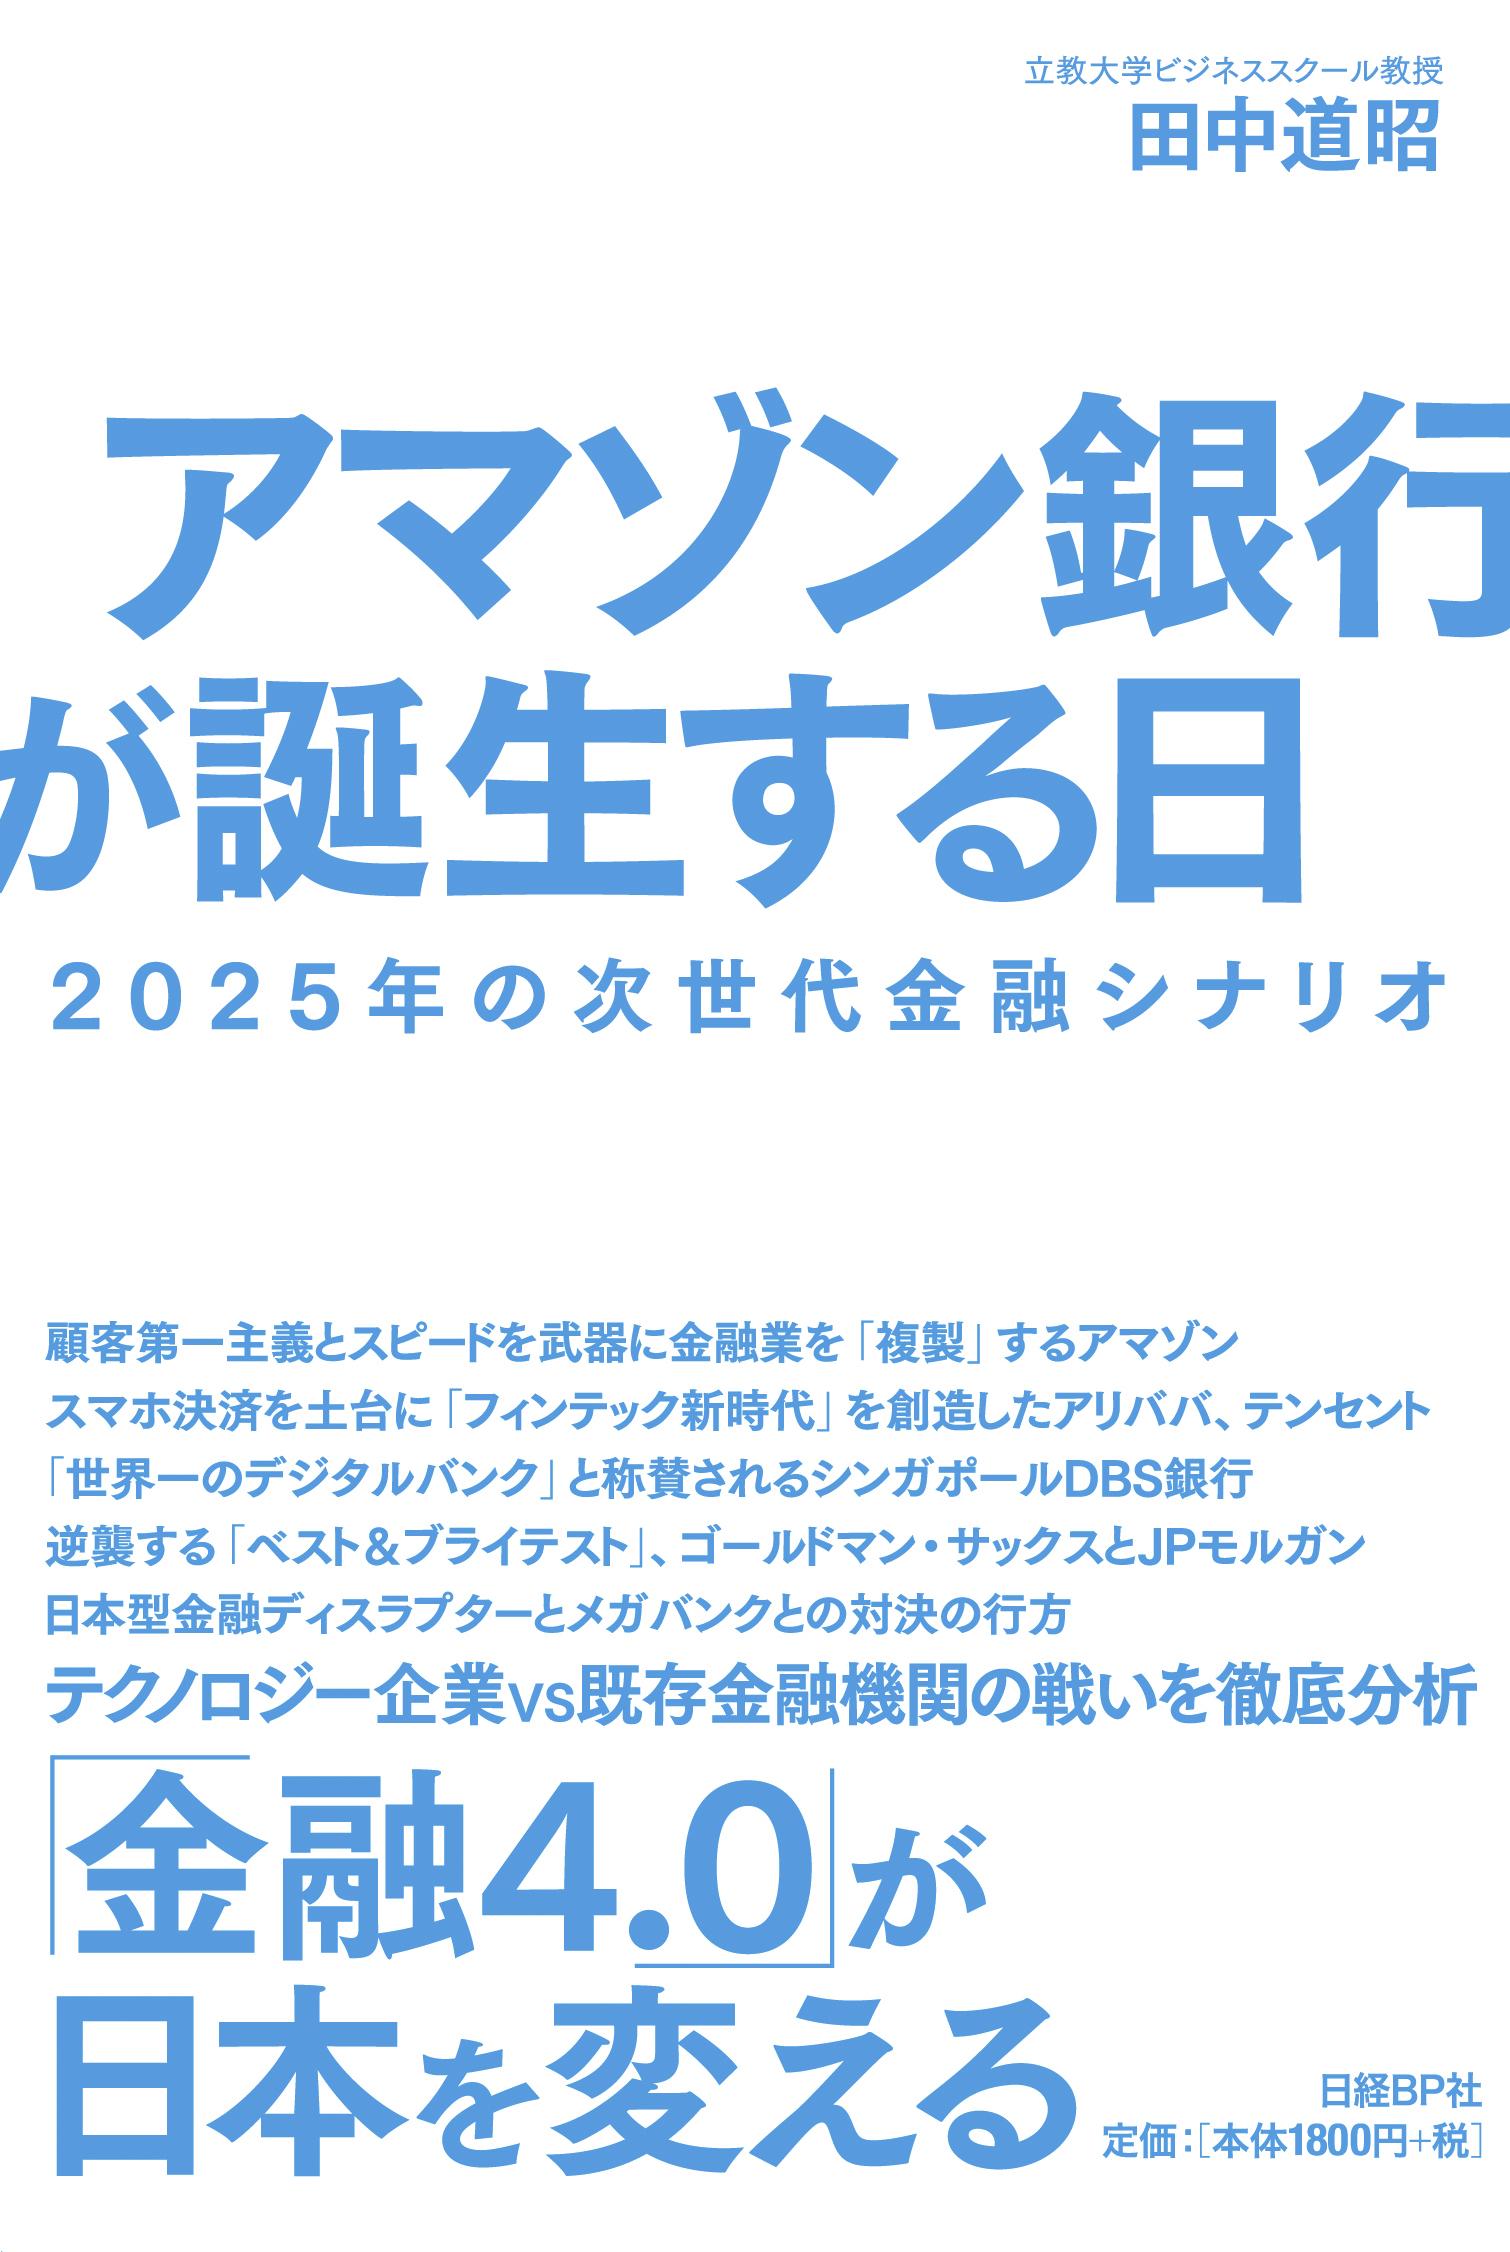 アマゾン銀行が誕生する日 2025年の次世代金融シナリオ